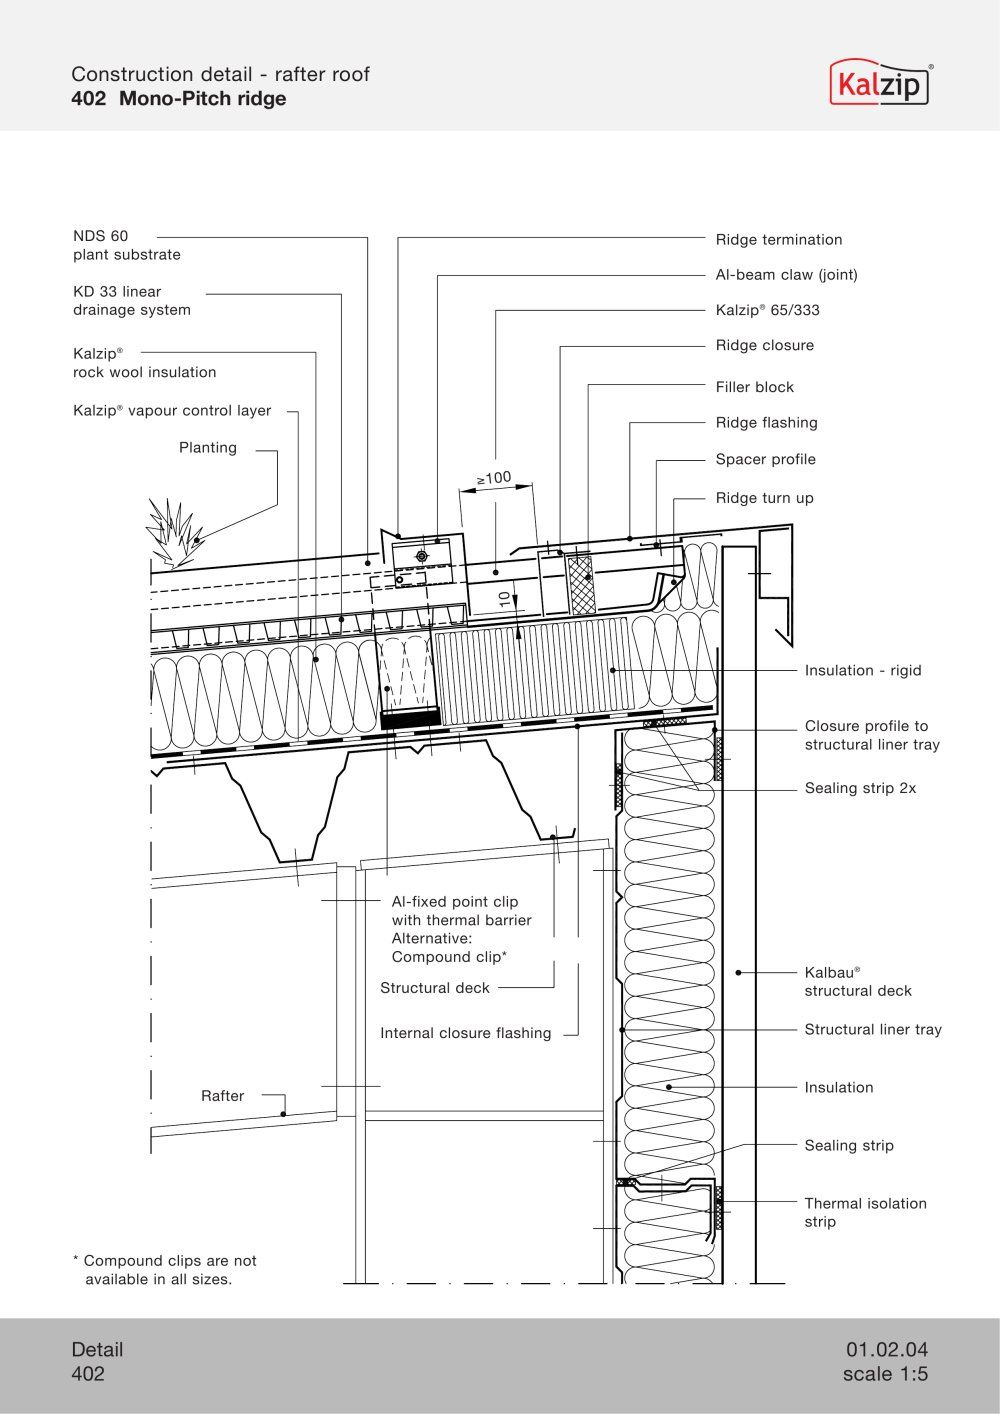 Kalzip Construction Details Archiexpo Rock Wool Insulation Detail Construction